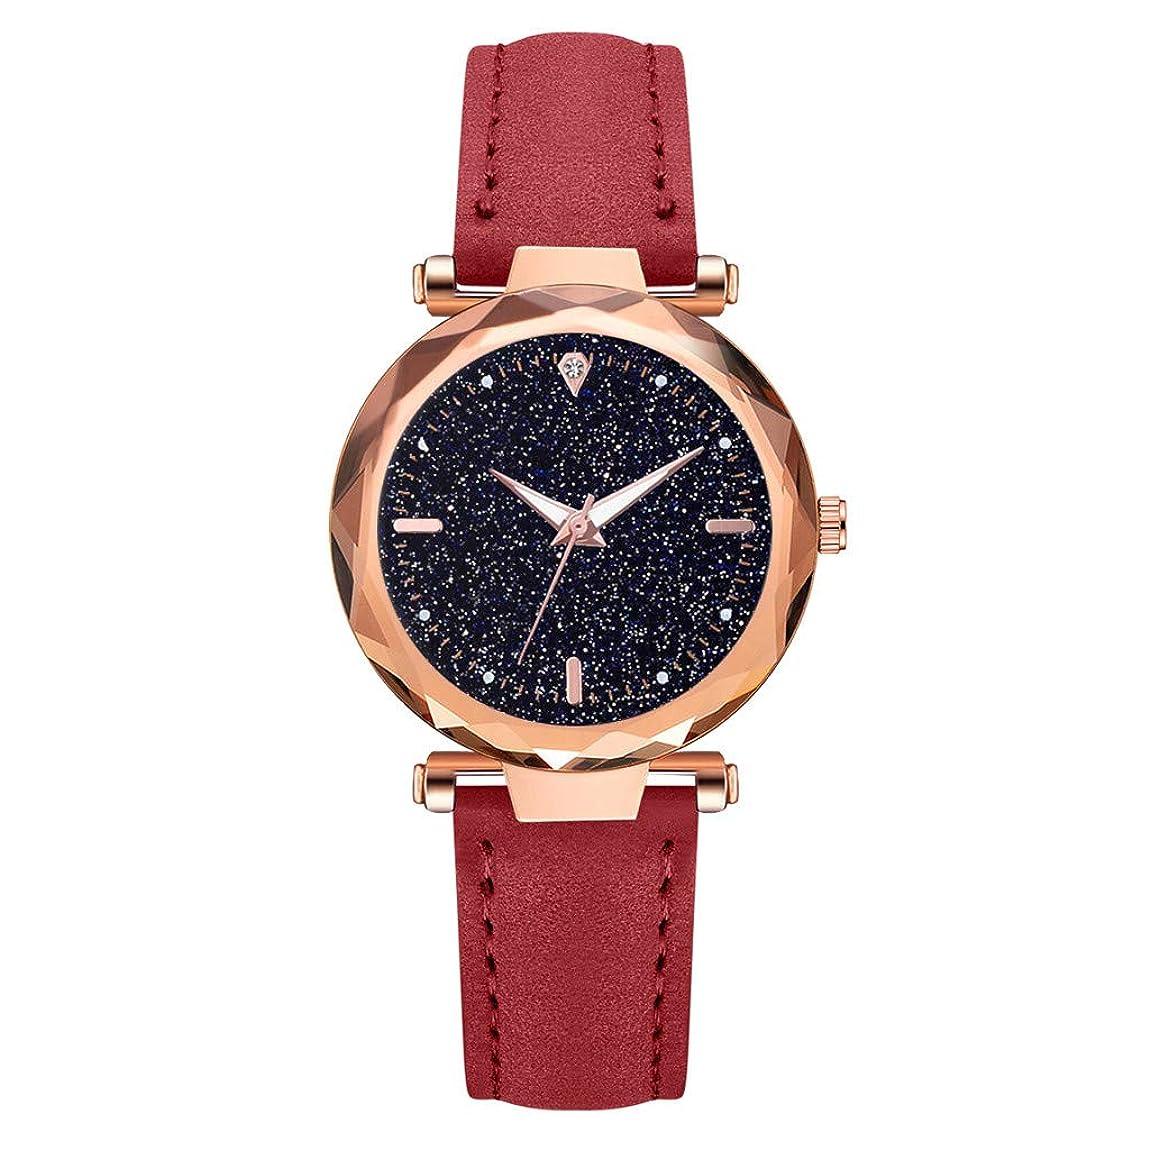 多数のメイエラ半球Waminger[ワミナー] 腕時計 人気 ガールズ レディース 軽量 おしゃれ 魅力的 キラキラ 誕生日豪華 菱形ガラス ダイヤモンド 星空 スカイ ベルト安い 快適性 上品さ 耐衝撃 かわいい ウオッチ(レッド)